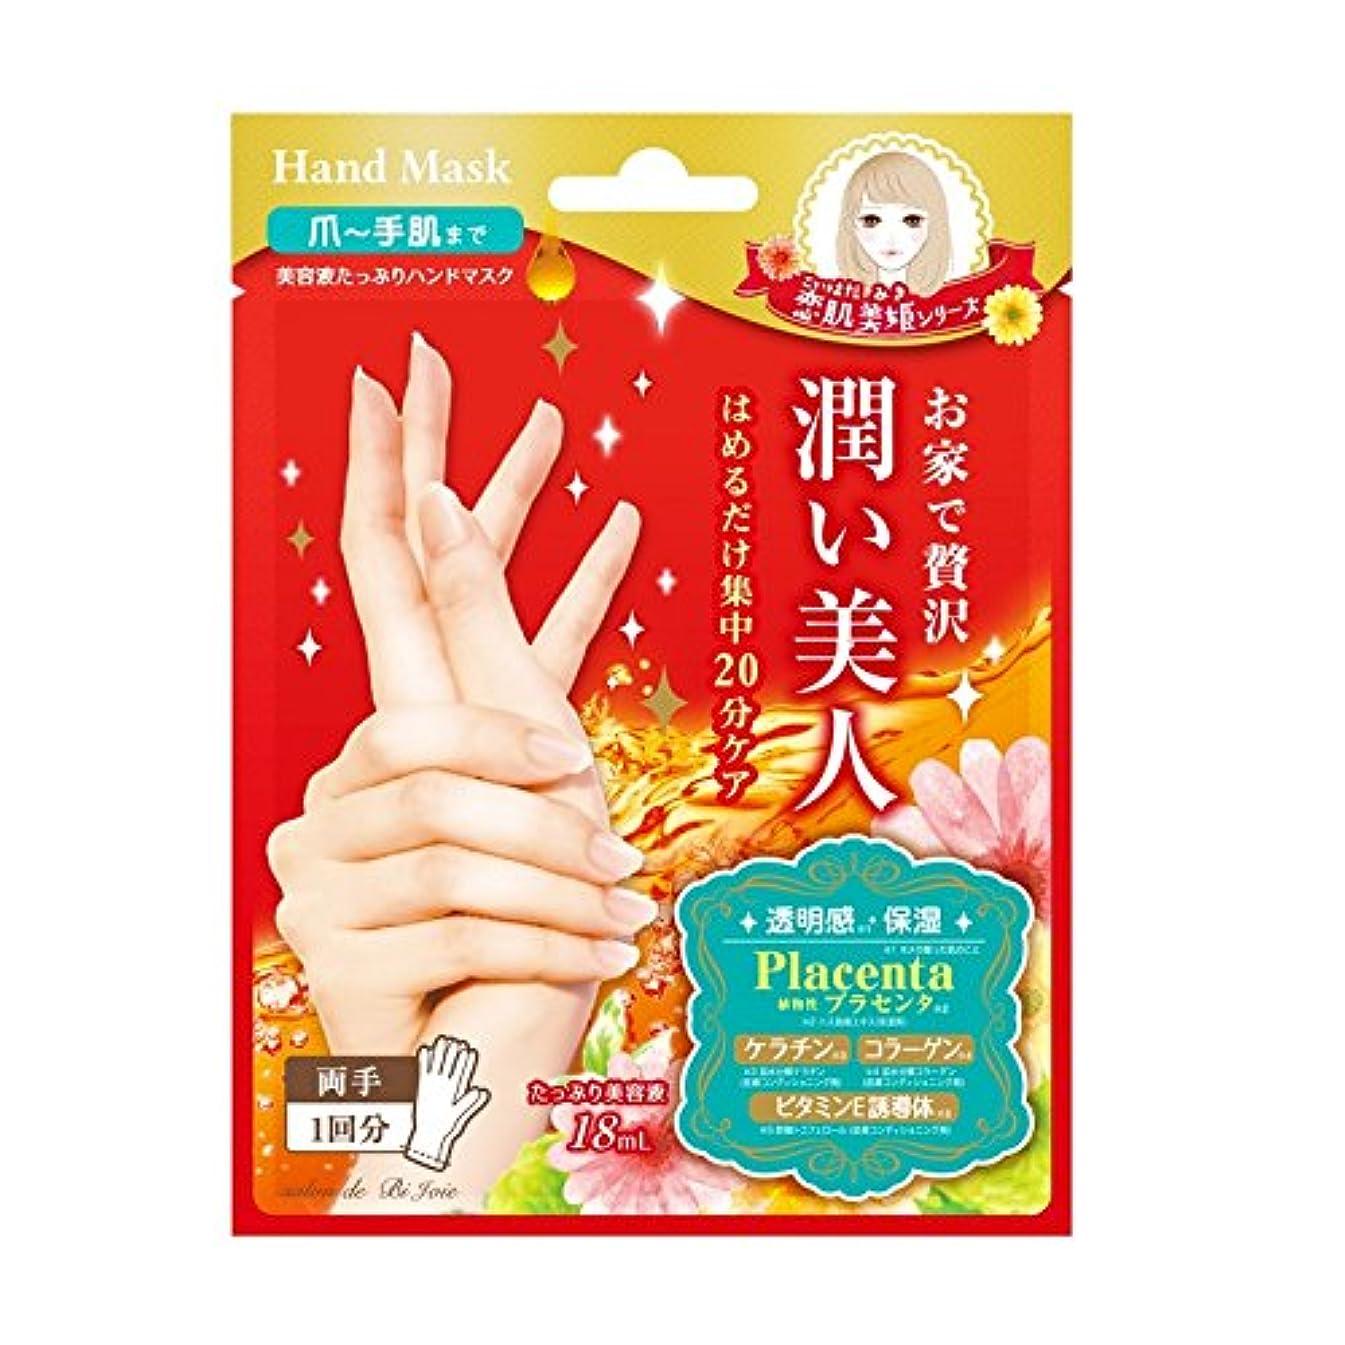 盗賊ホバートオーディションBJ 潤いハンドマスク (美容液18mL/1回分)